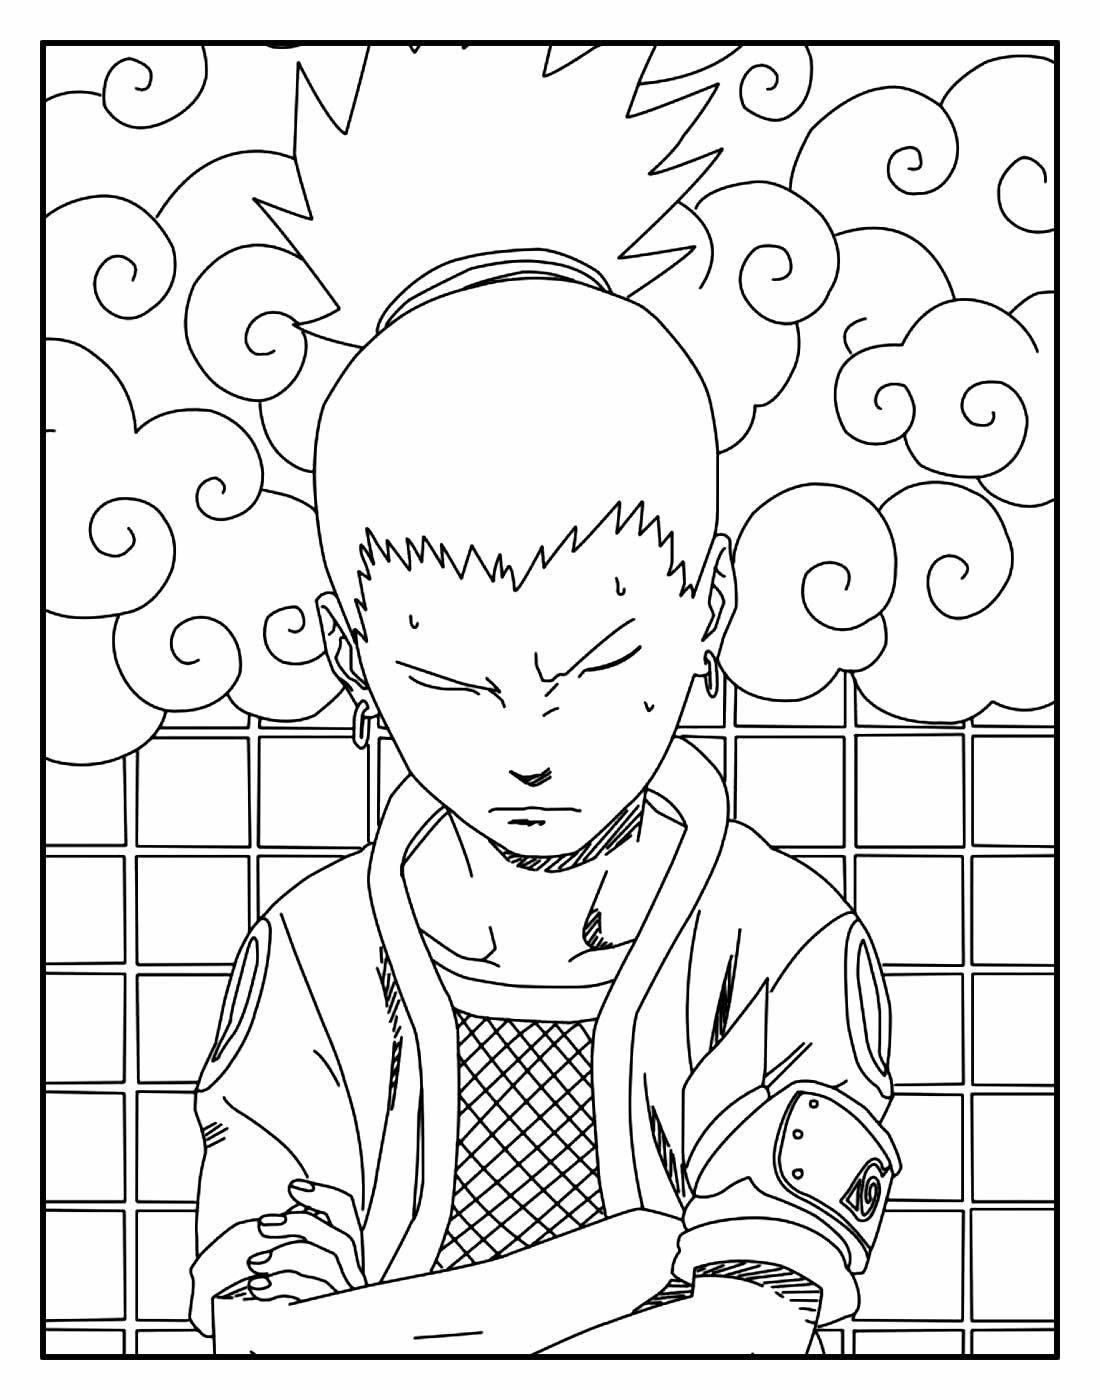 Desenho para colorir do Naruto - Shikamaru